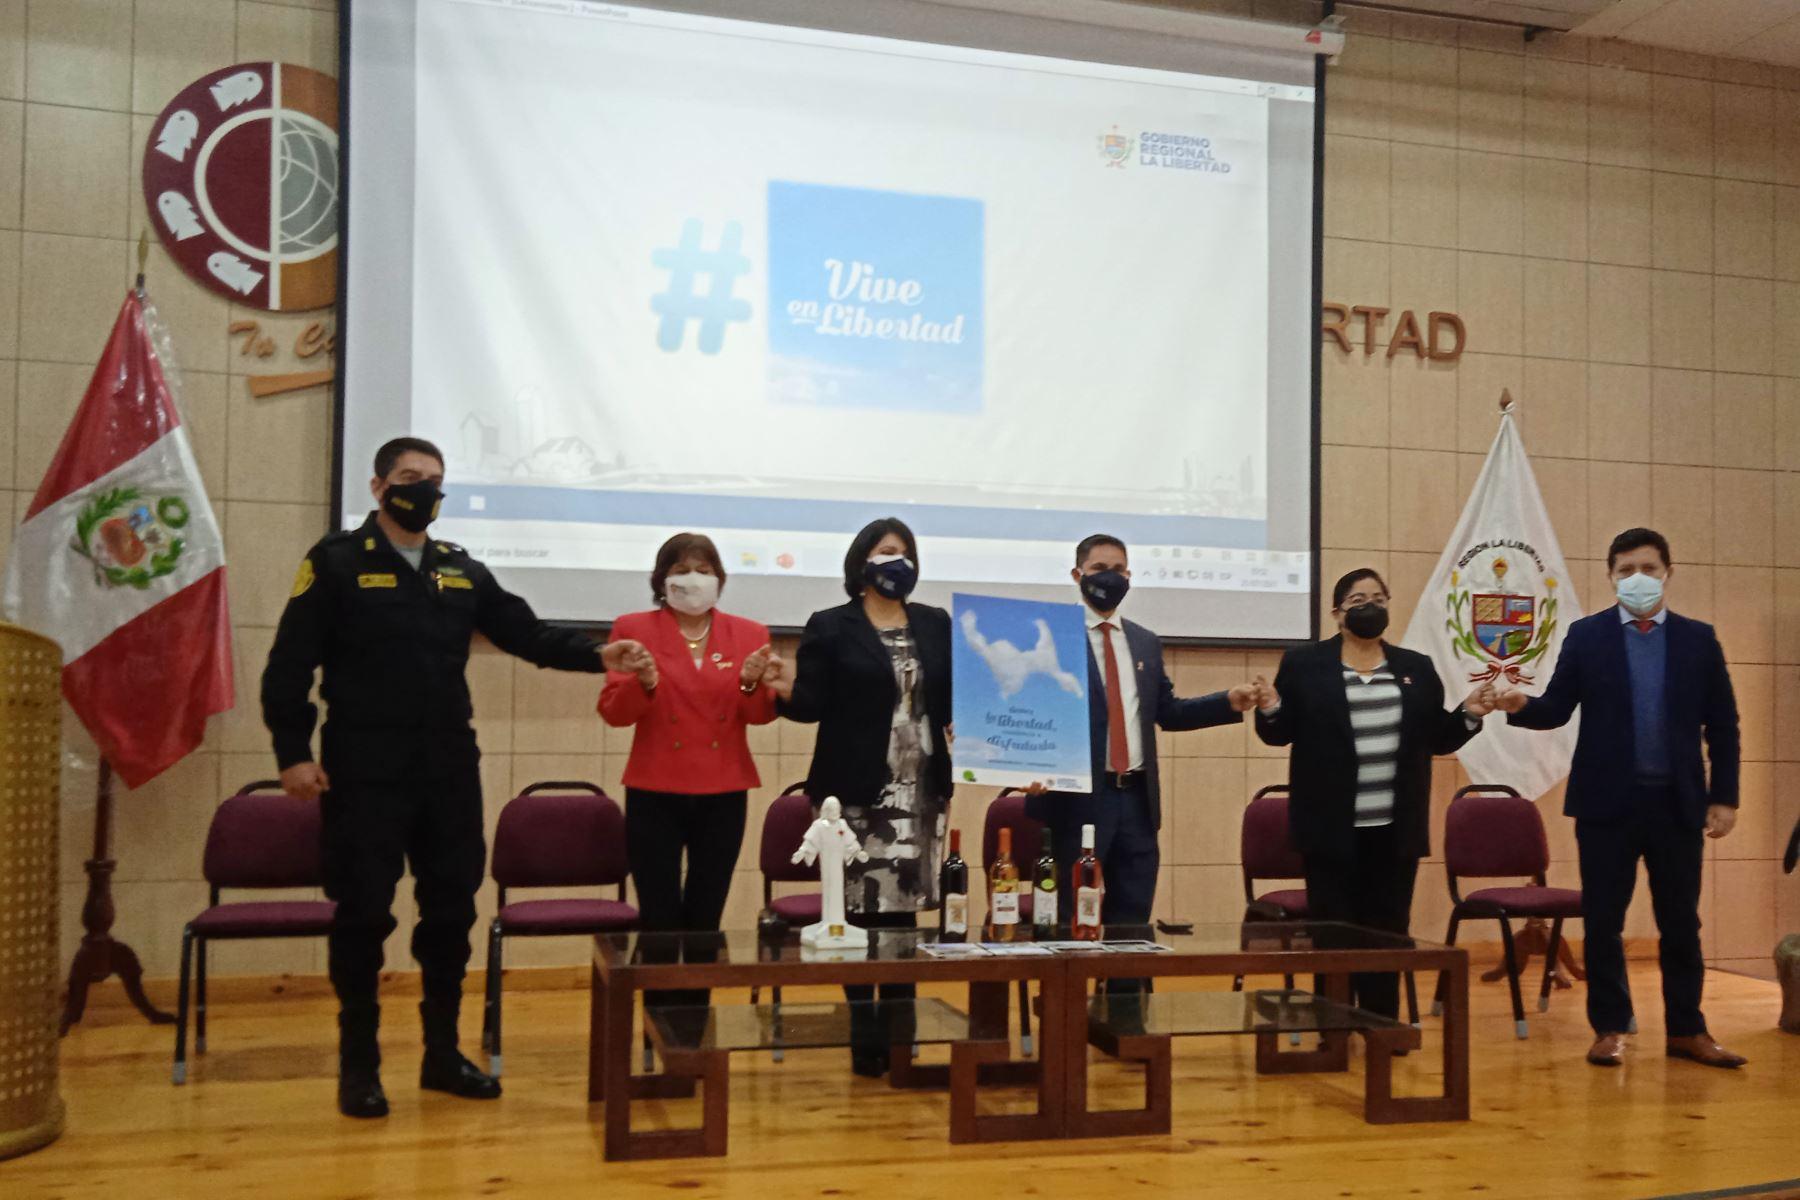 El gobierno regional de La Libertad lanzó campaña para reactivar el turismo. Foto: ANDINA/Difusión